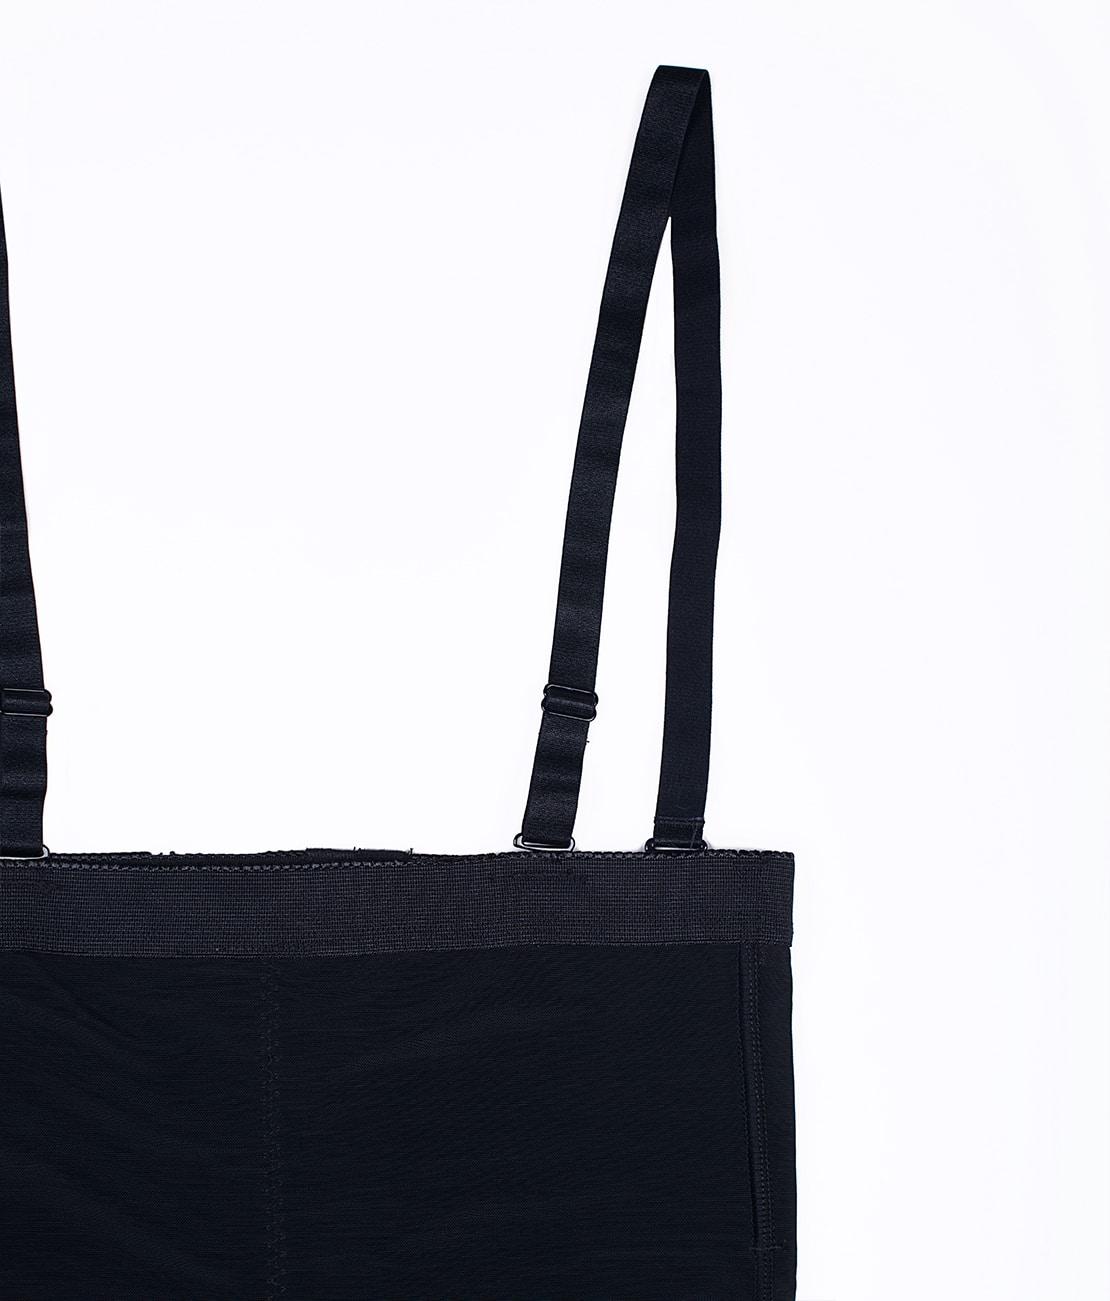 Le Panty Noir Transparent Packshot Detail 1